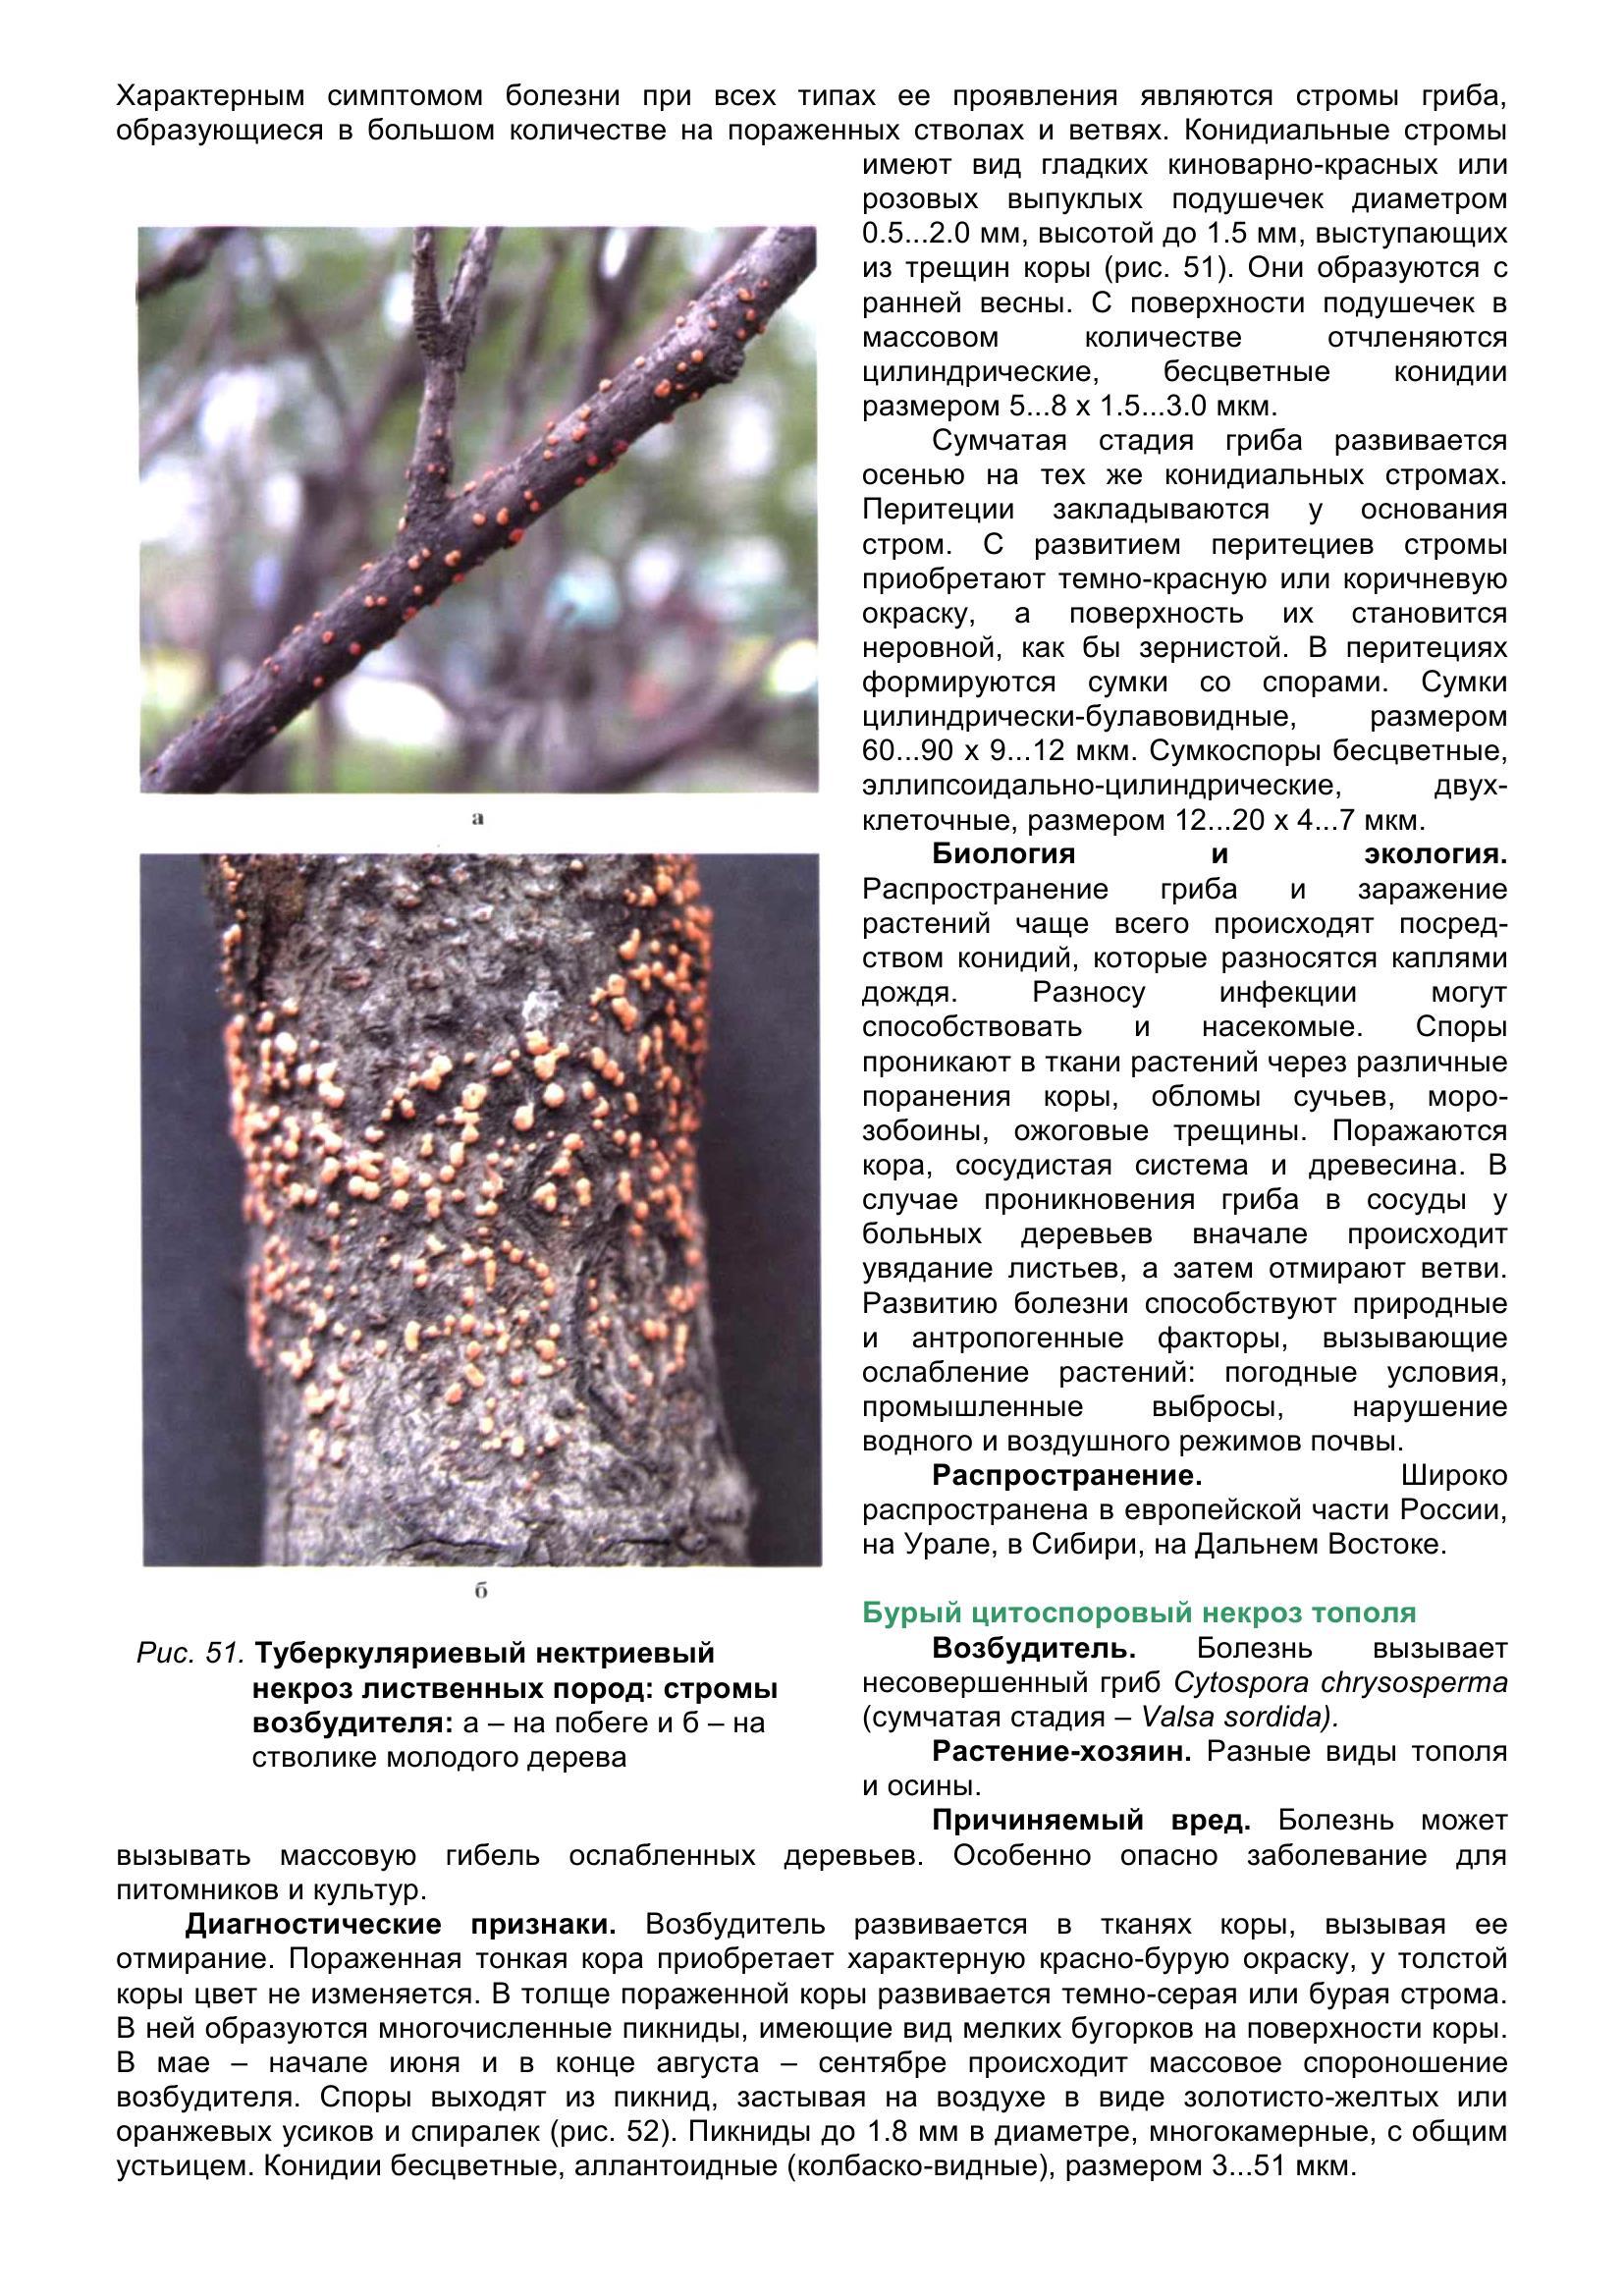 Болезни_древесных_растений_064.jpg